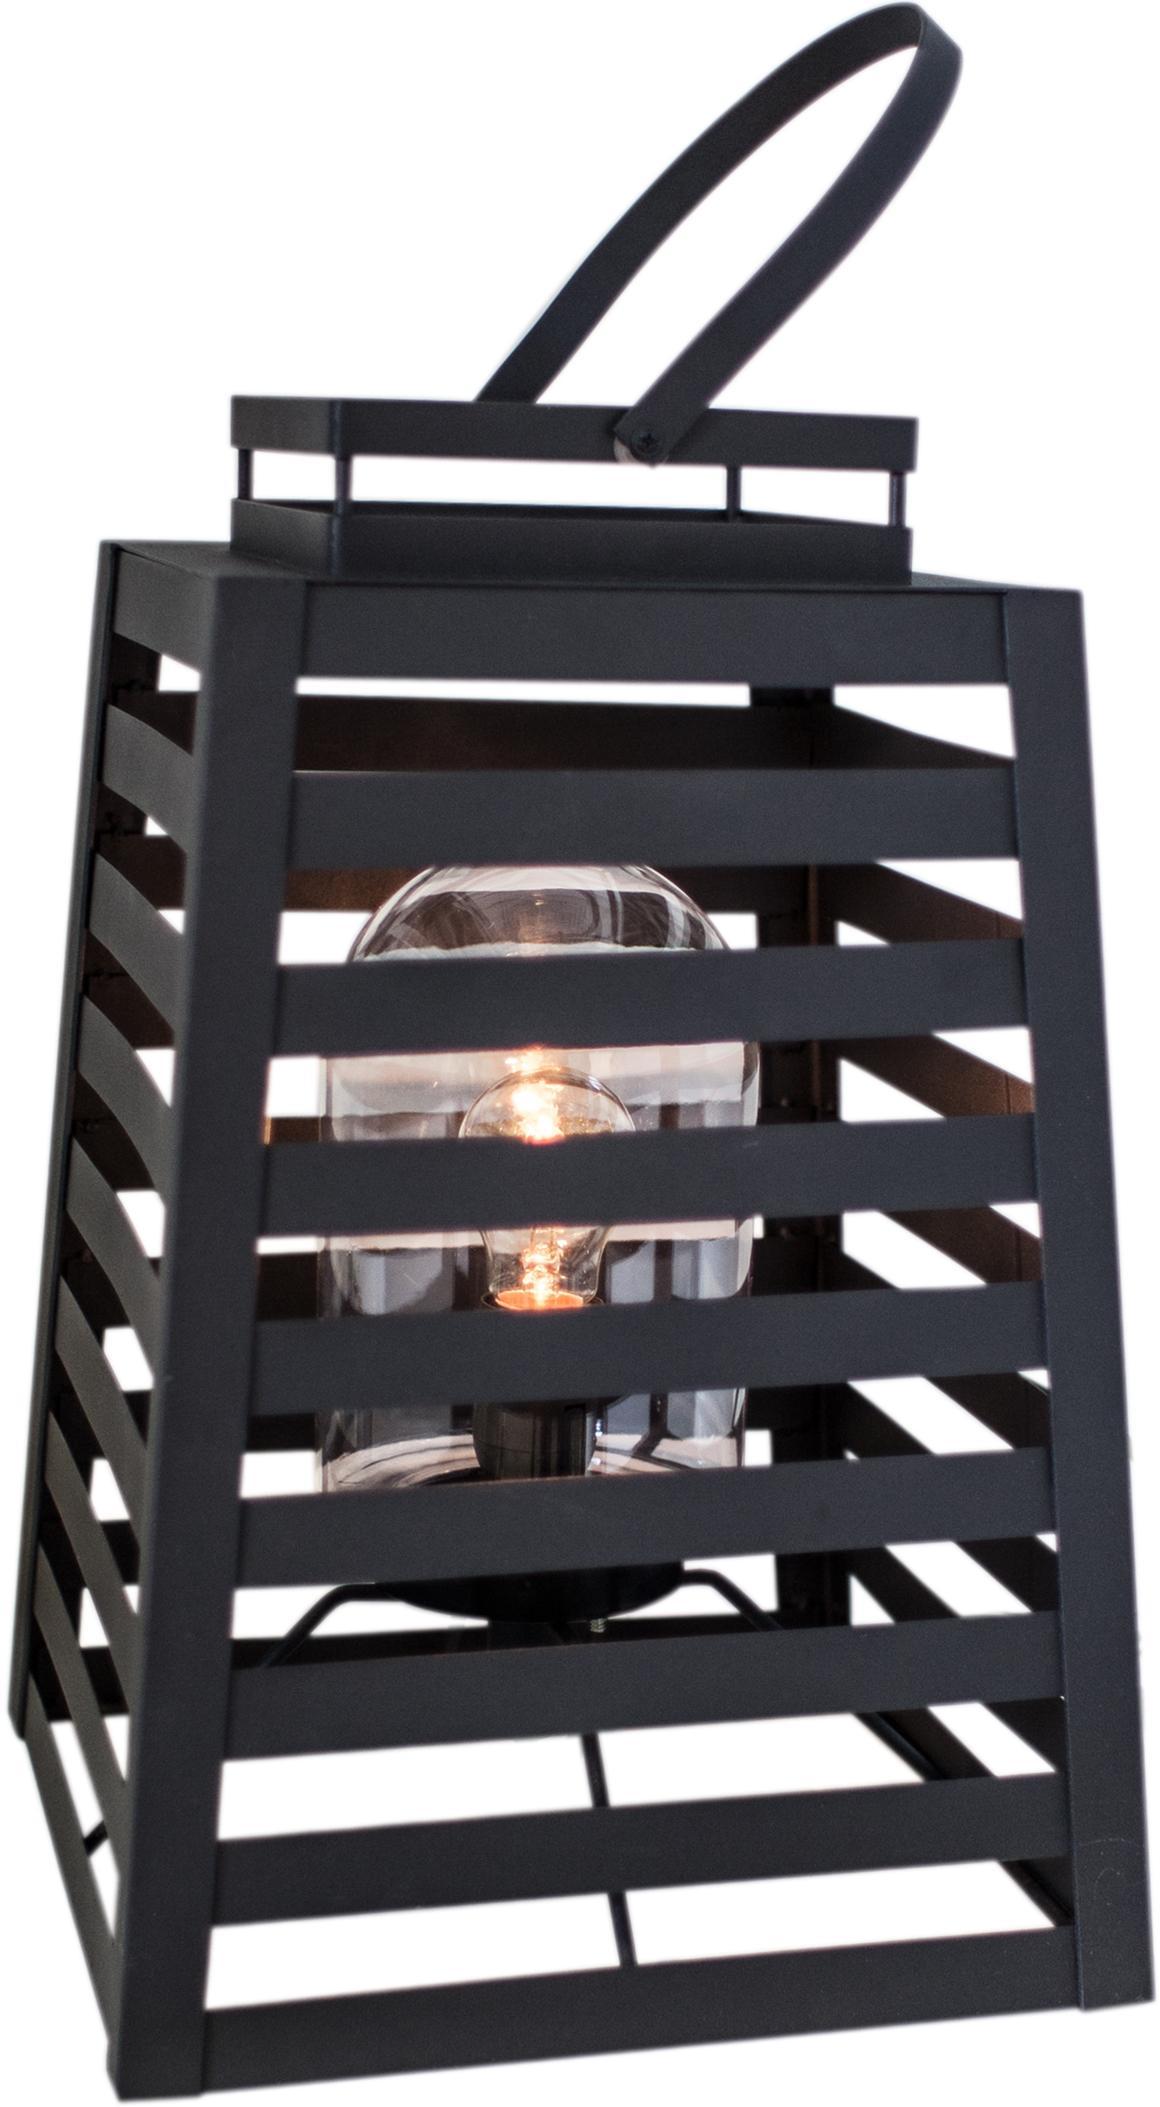 Outdoor vloerlamp Yankton in lantaarnvorm, Lamp: gepoedercoat metaal, Diffuser: glas, Zwart, 30 x 60 cm